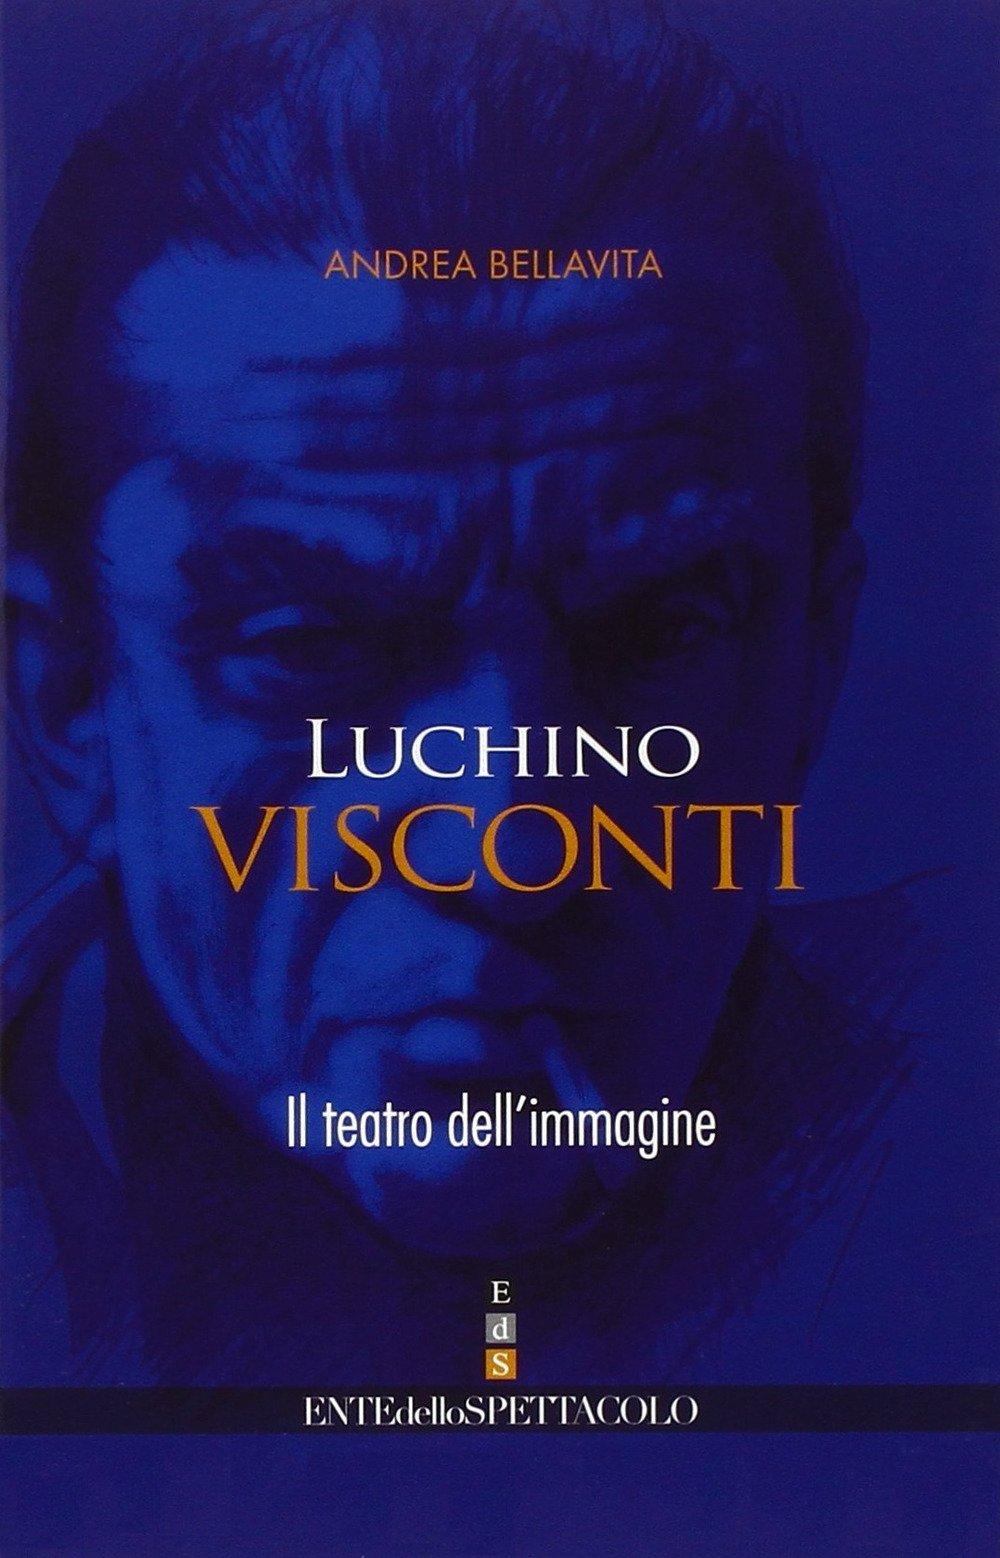 Luchino Visconti. Il teatro dell'immagine